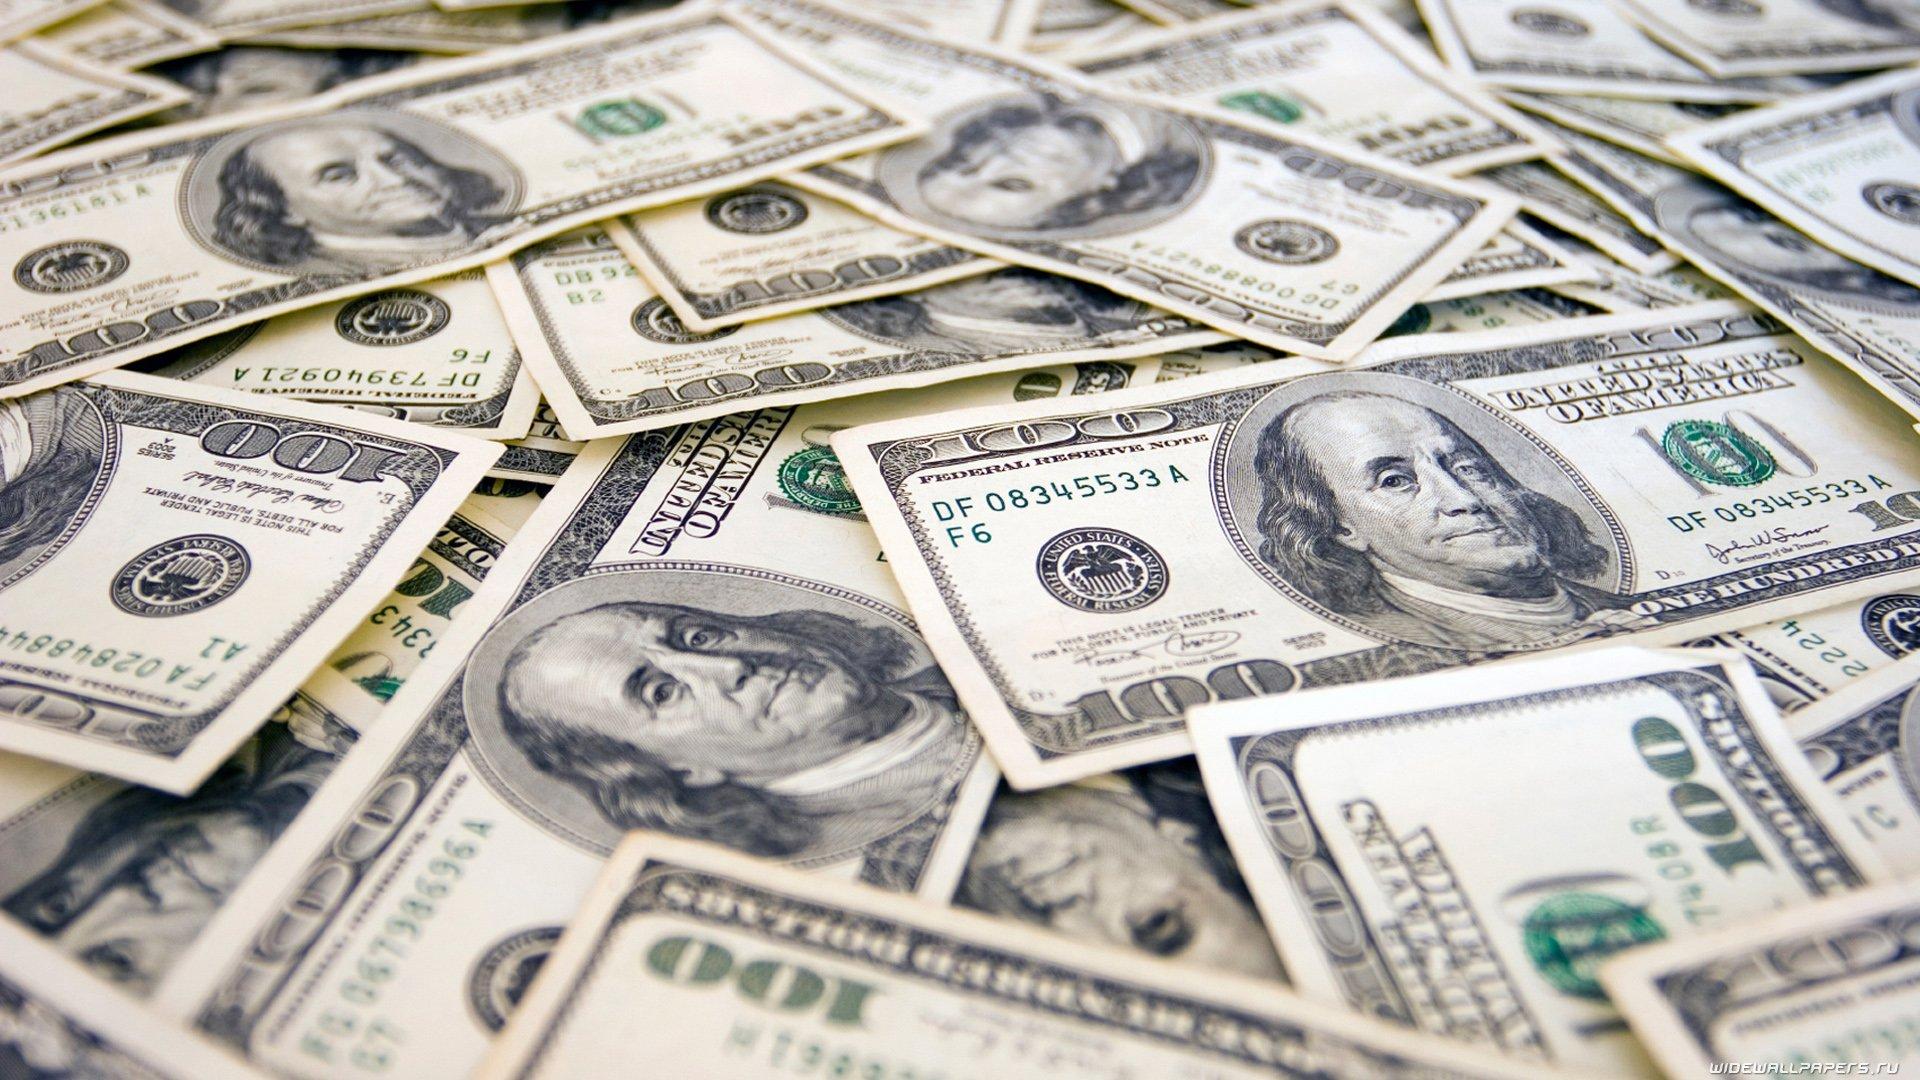 Spel op geld, succes en rijkdom.